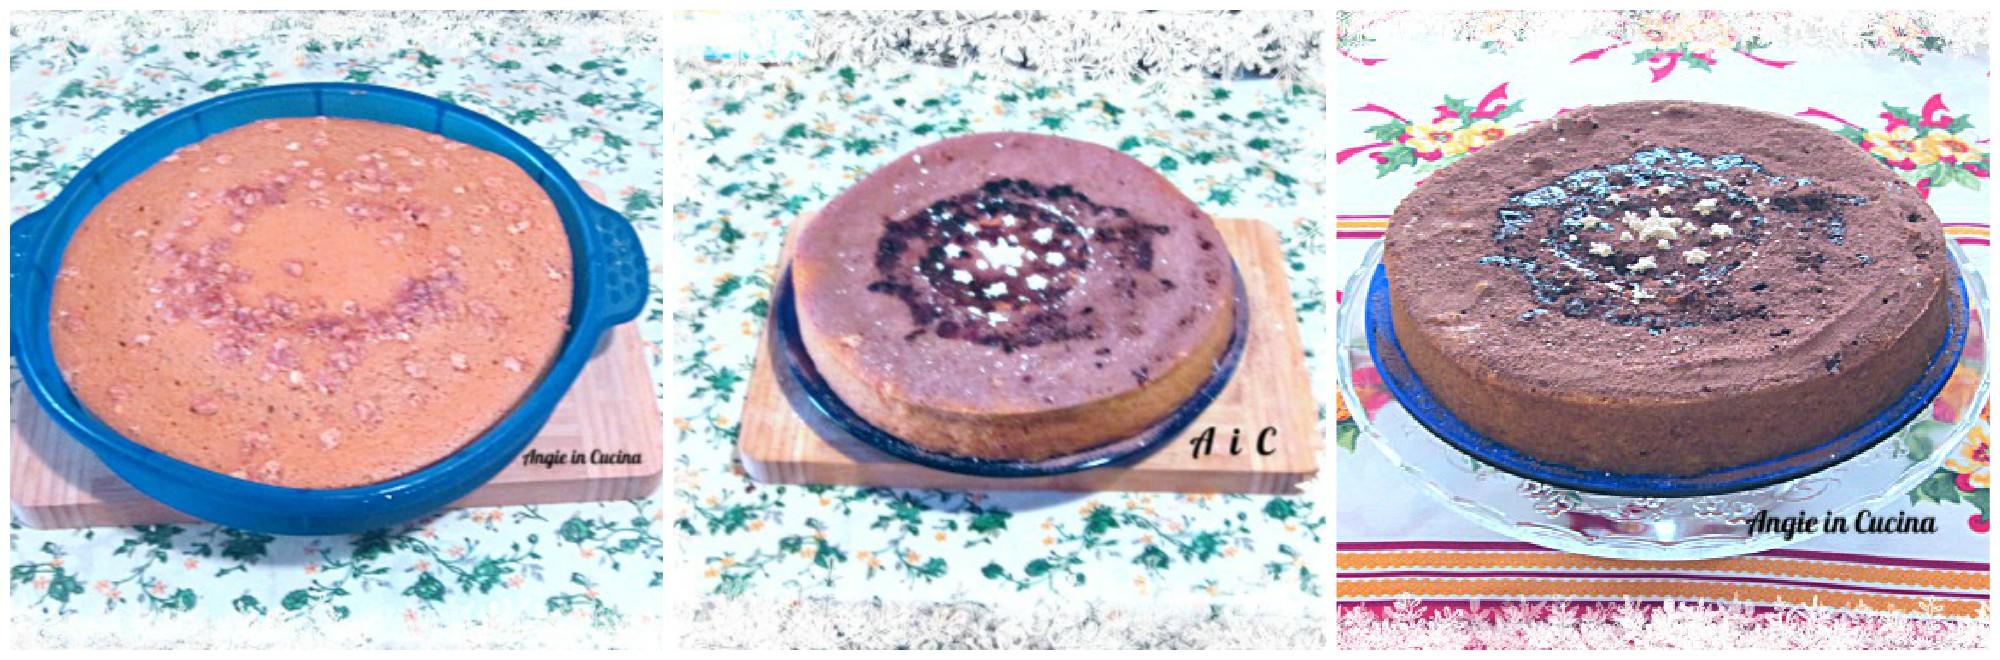 Torta alla zucca con cacao al microonde